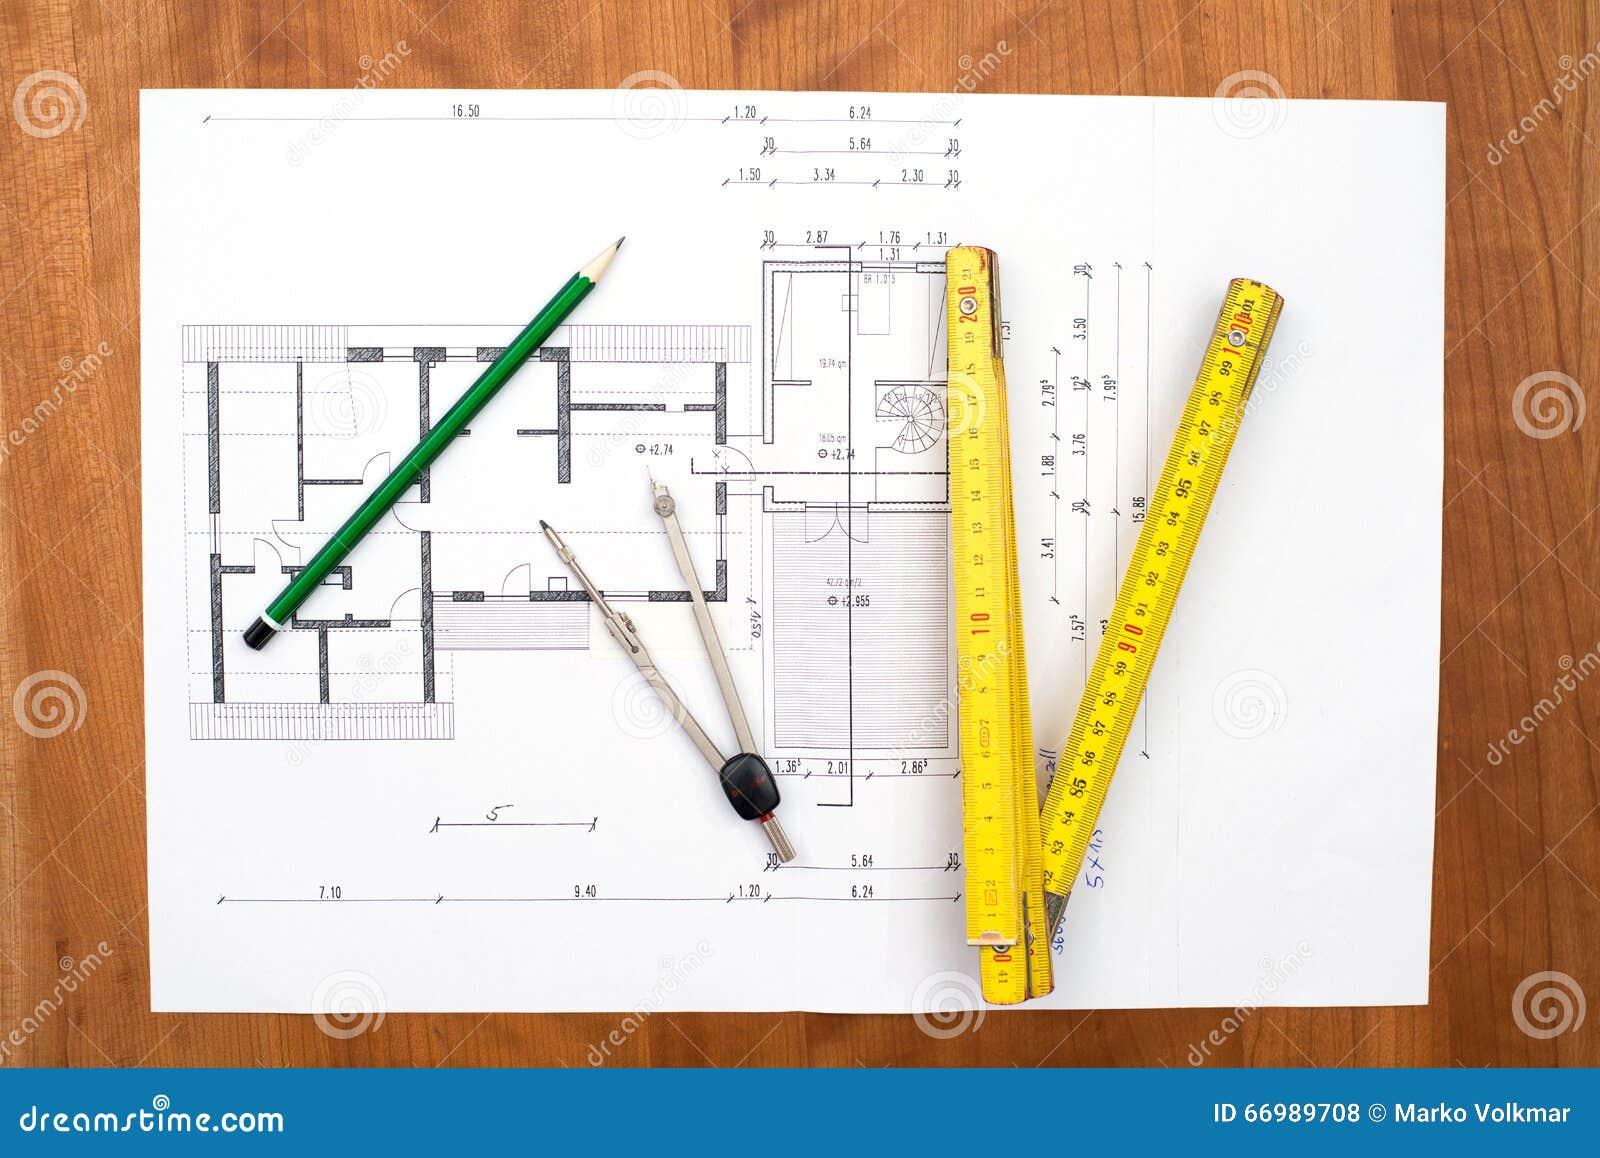 Fußboden Aus Packpapier ~ Bauplan mit bleistift faltendem maßstab und kompass stockfoto